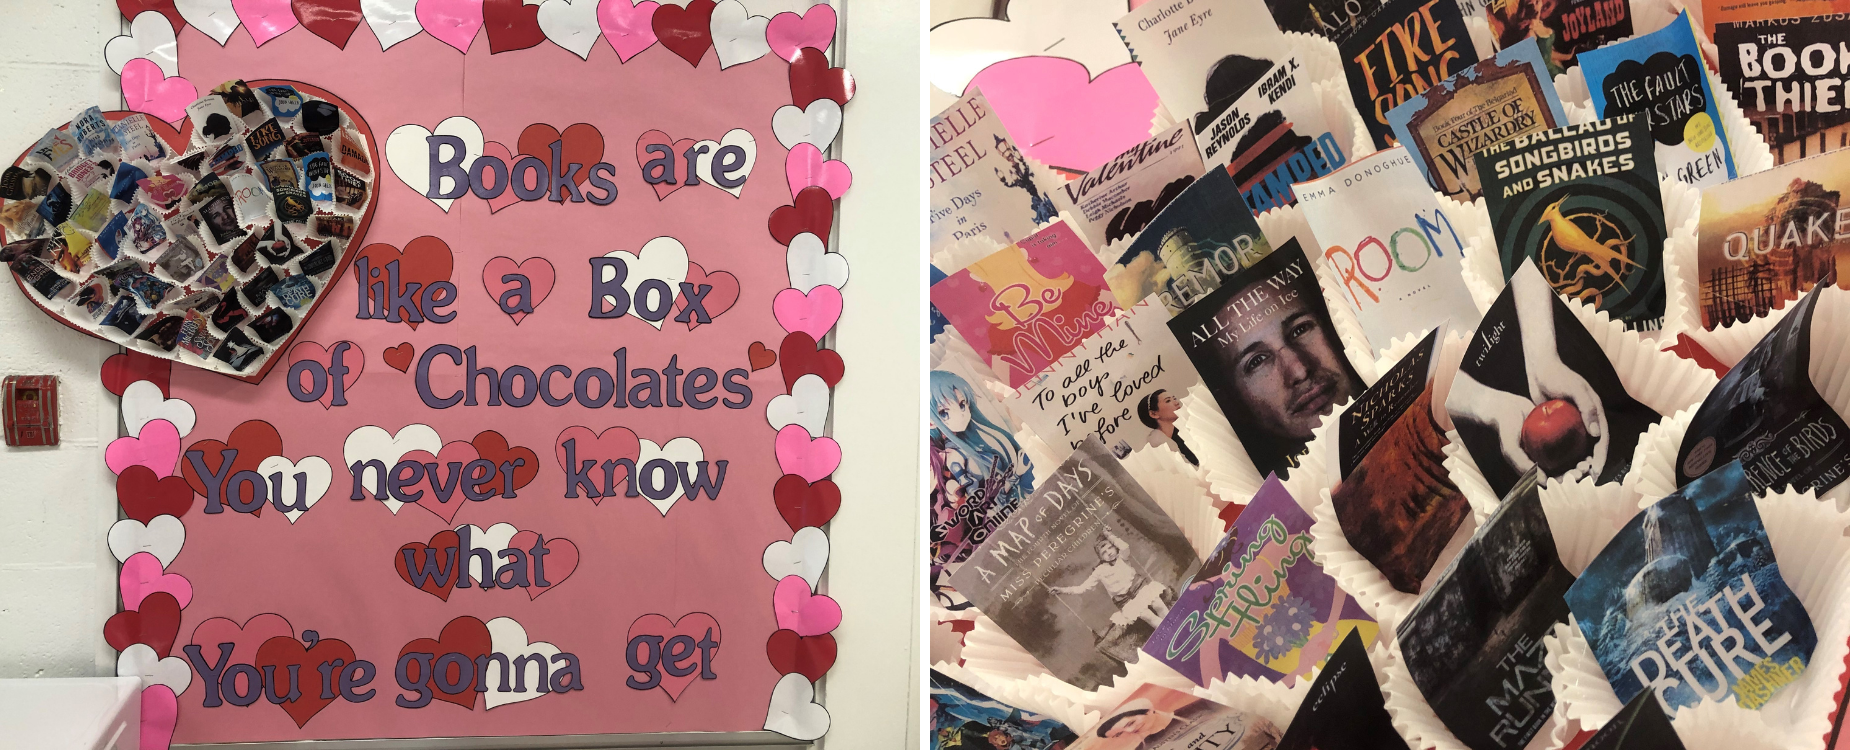 books are like a box of chocolates